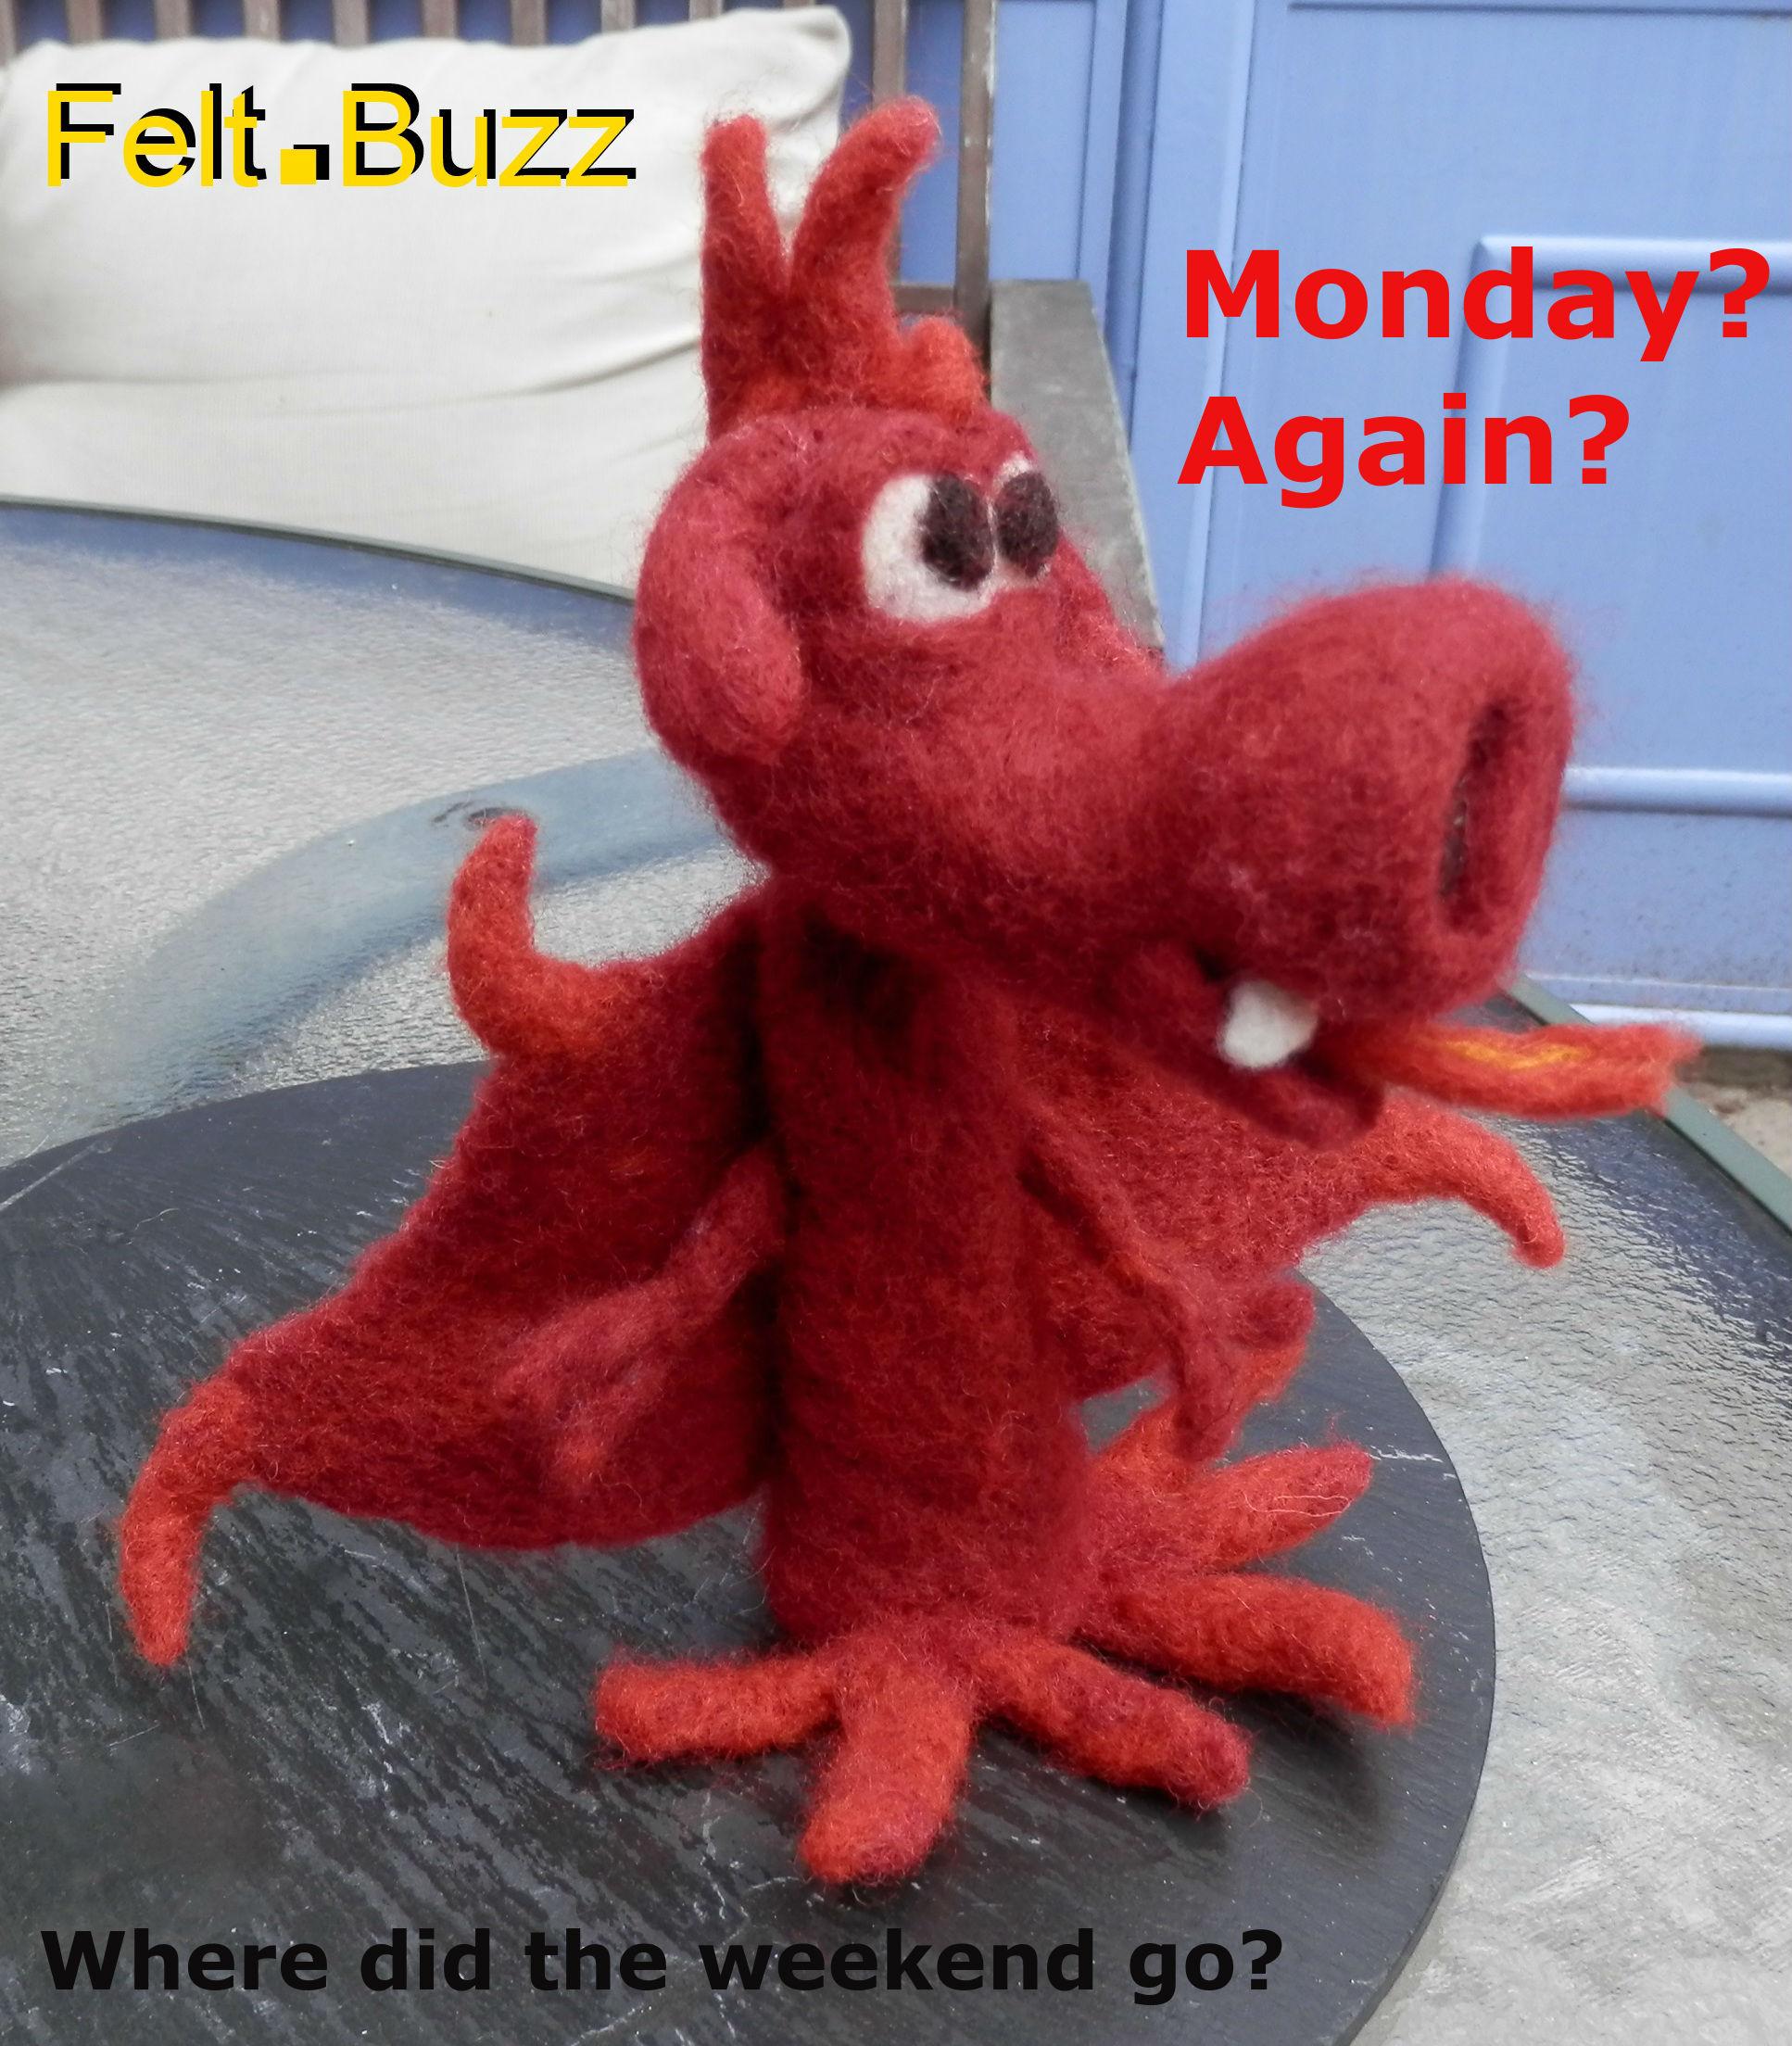 weekend go Monday